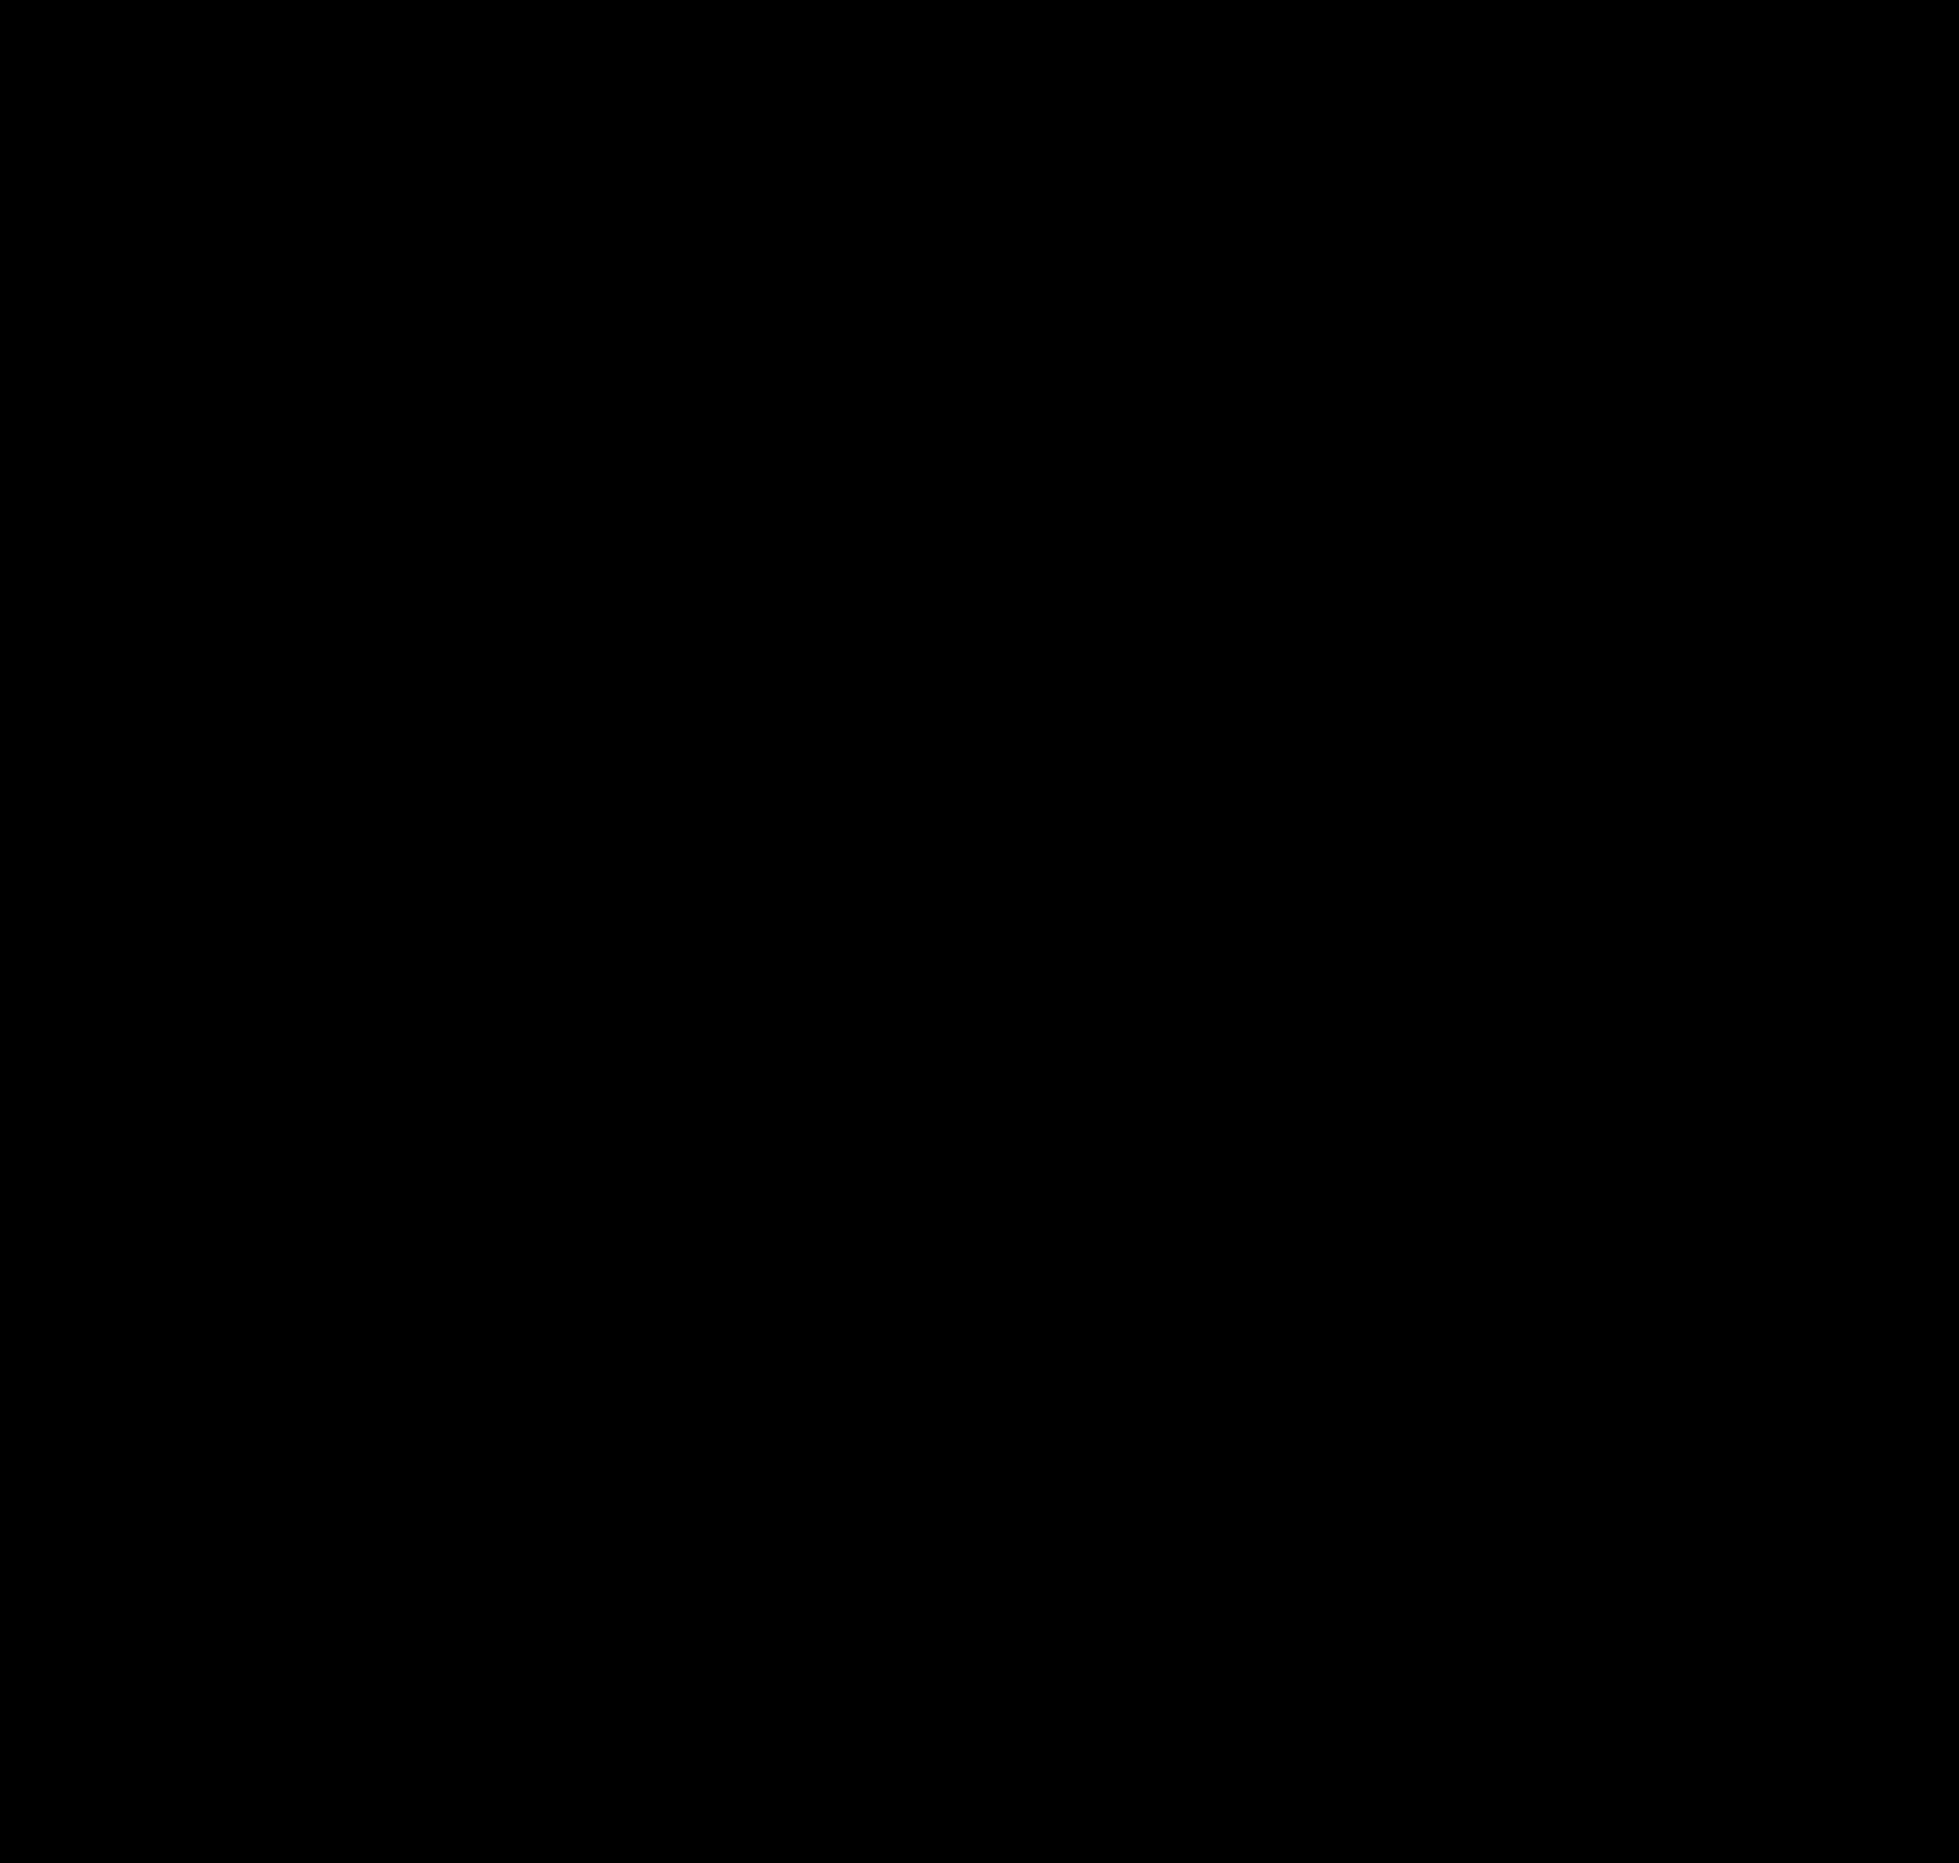 Datei joker png krautwiki. Einstein clipart stencil